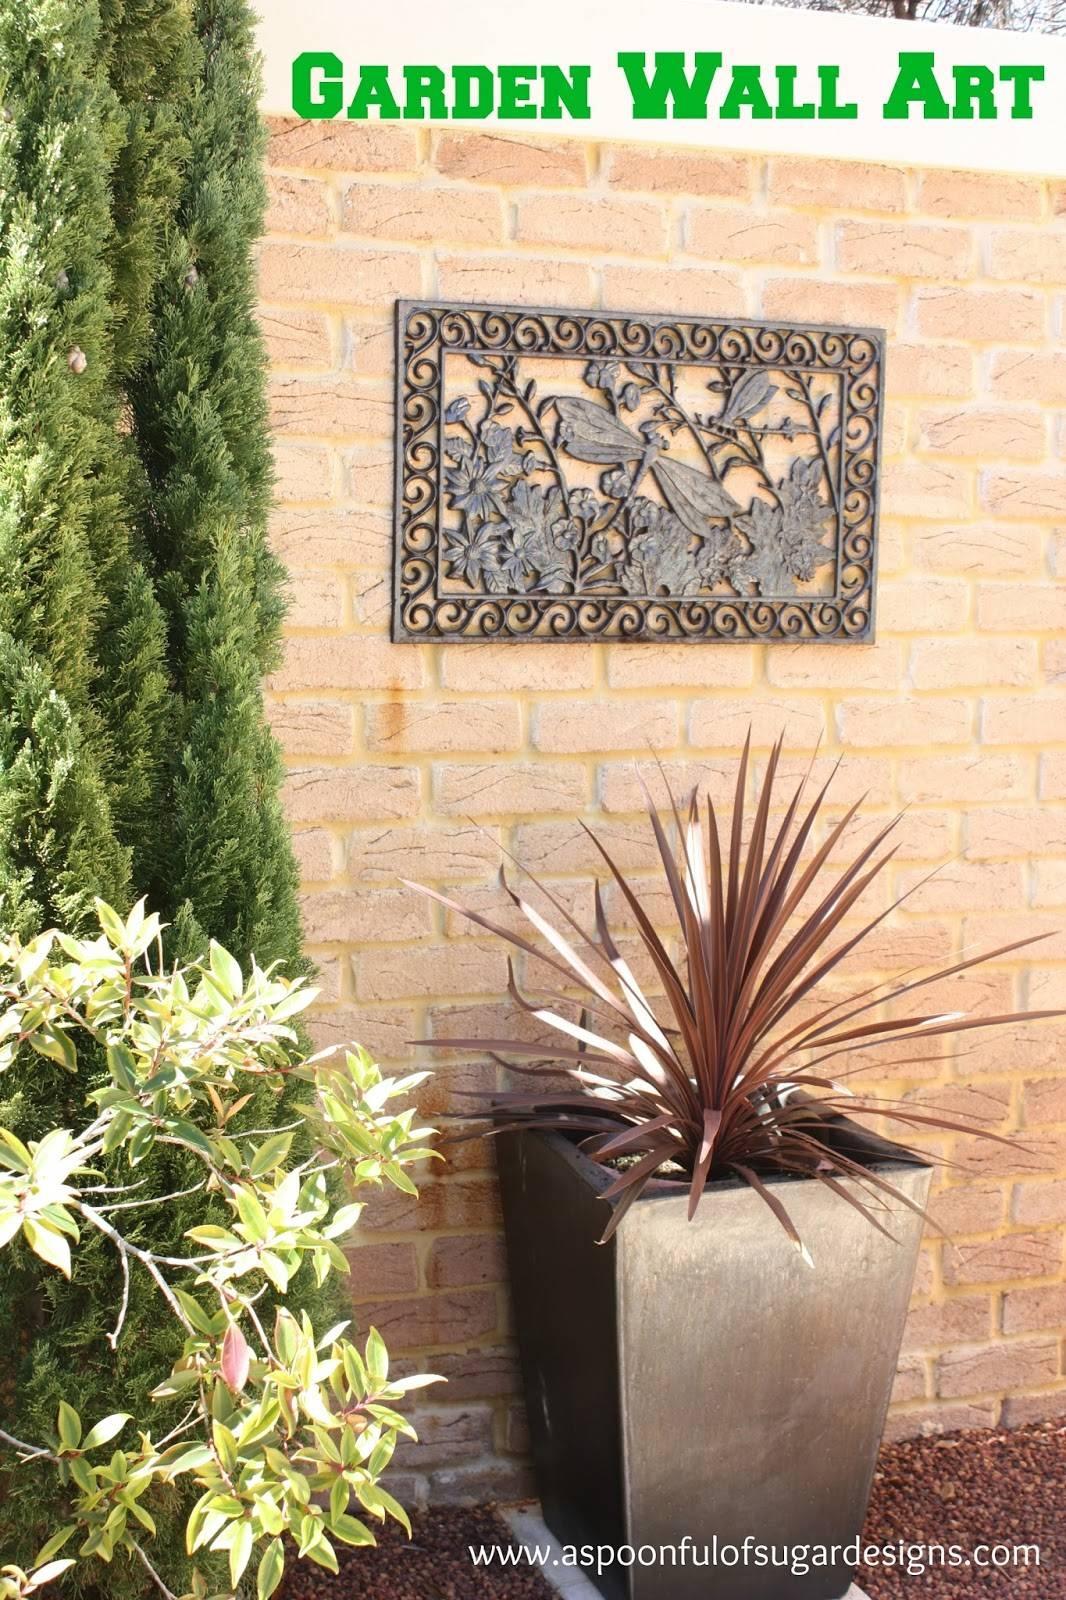 Garden Wall Art – A Spoonful Of Sugar Regarding Most Current Garden Wall Art (View 12 of 30)